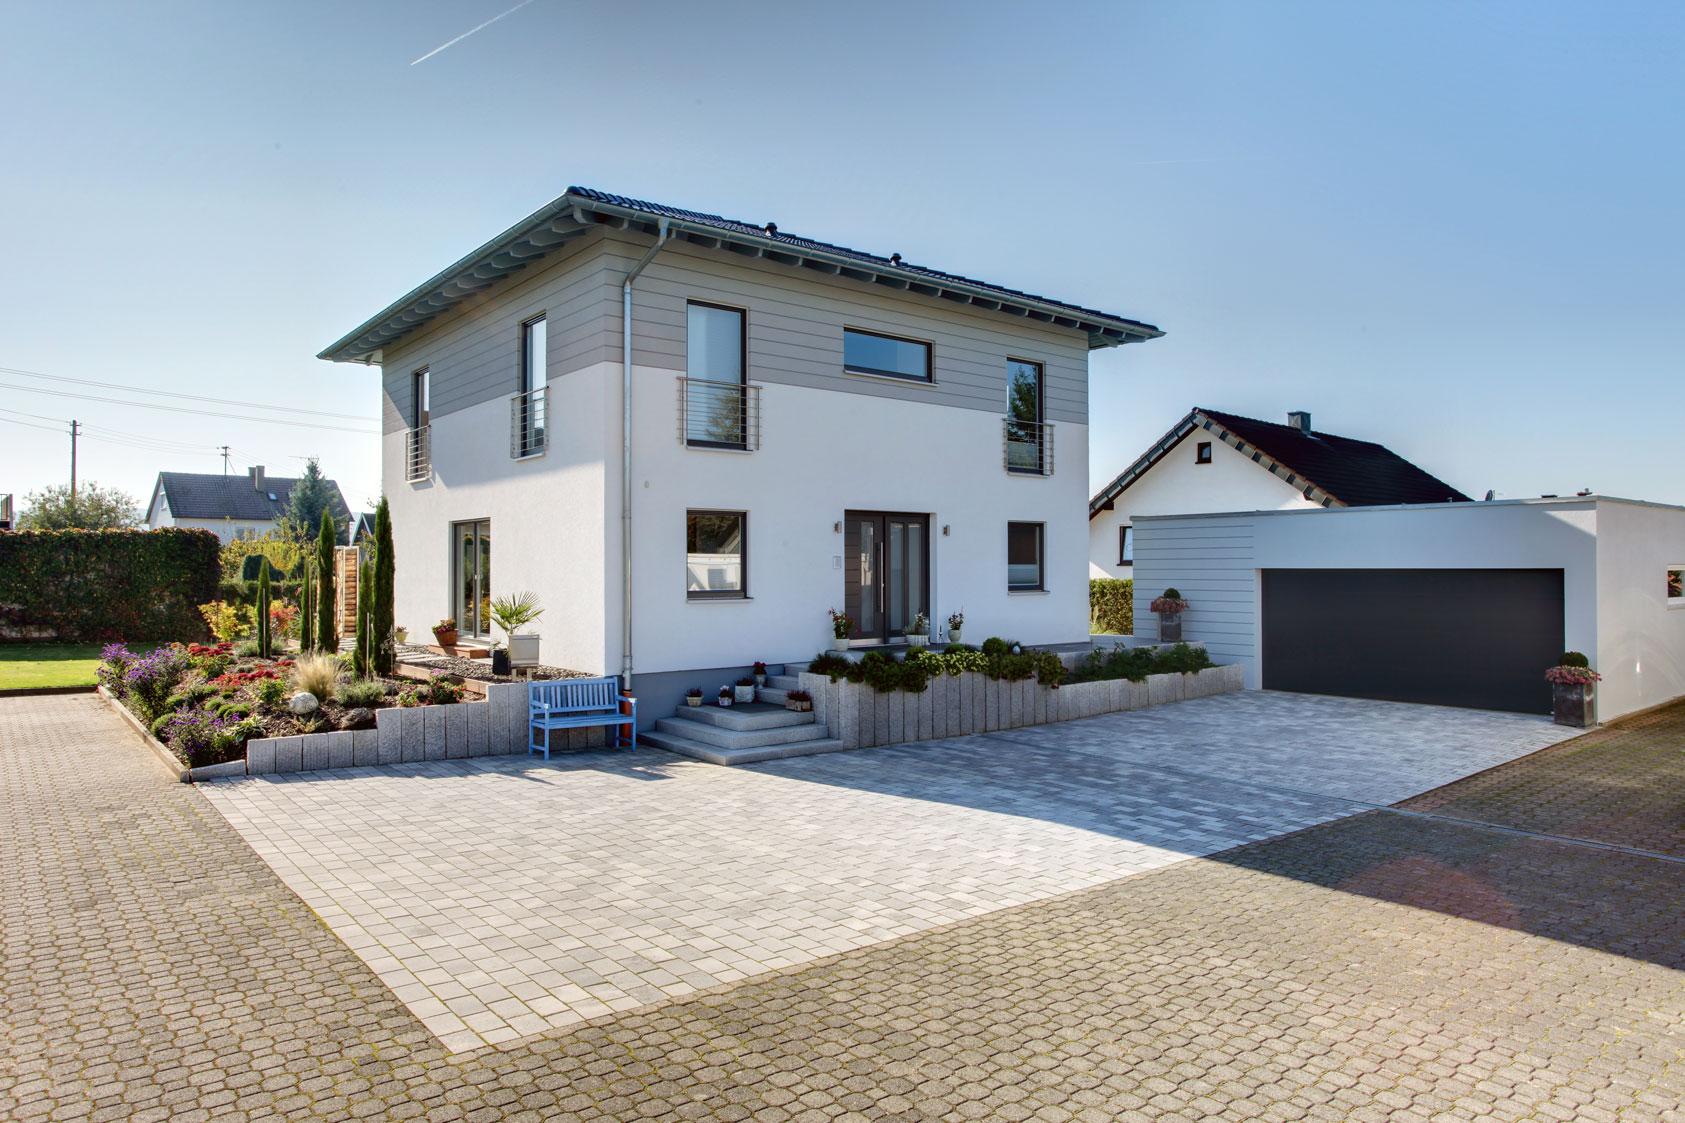 Mit bester empfehlung for Haus mit doppelgarage bauen